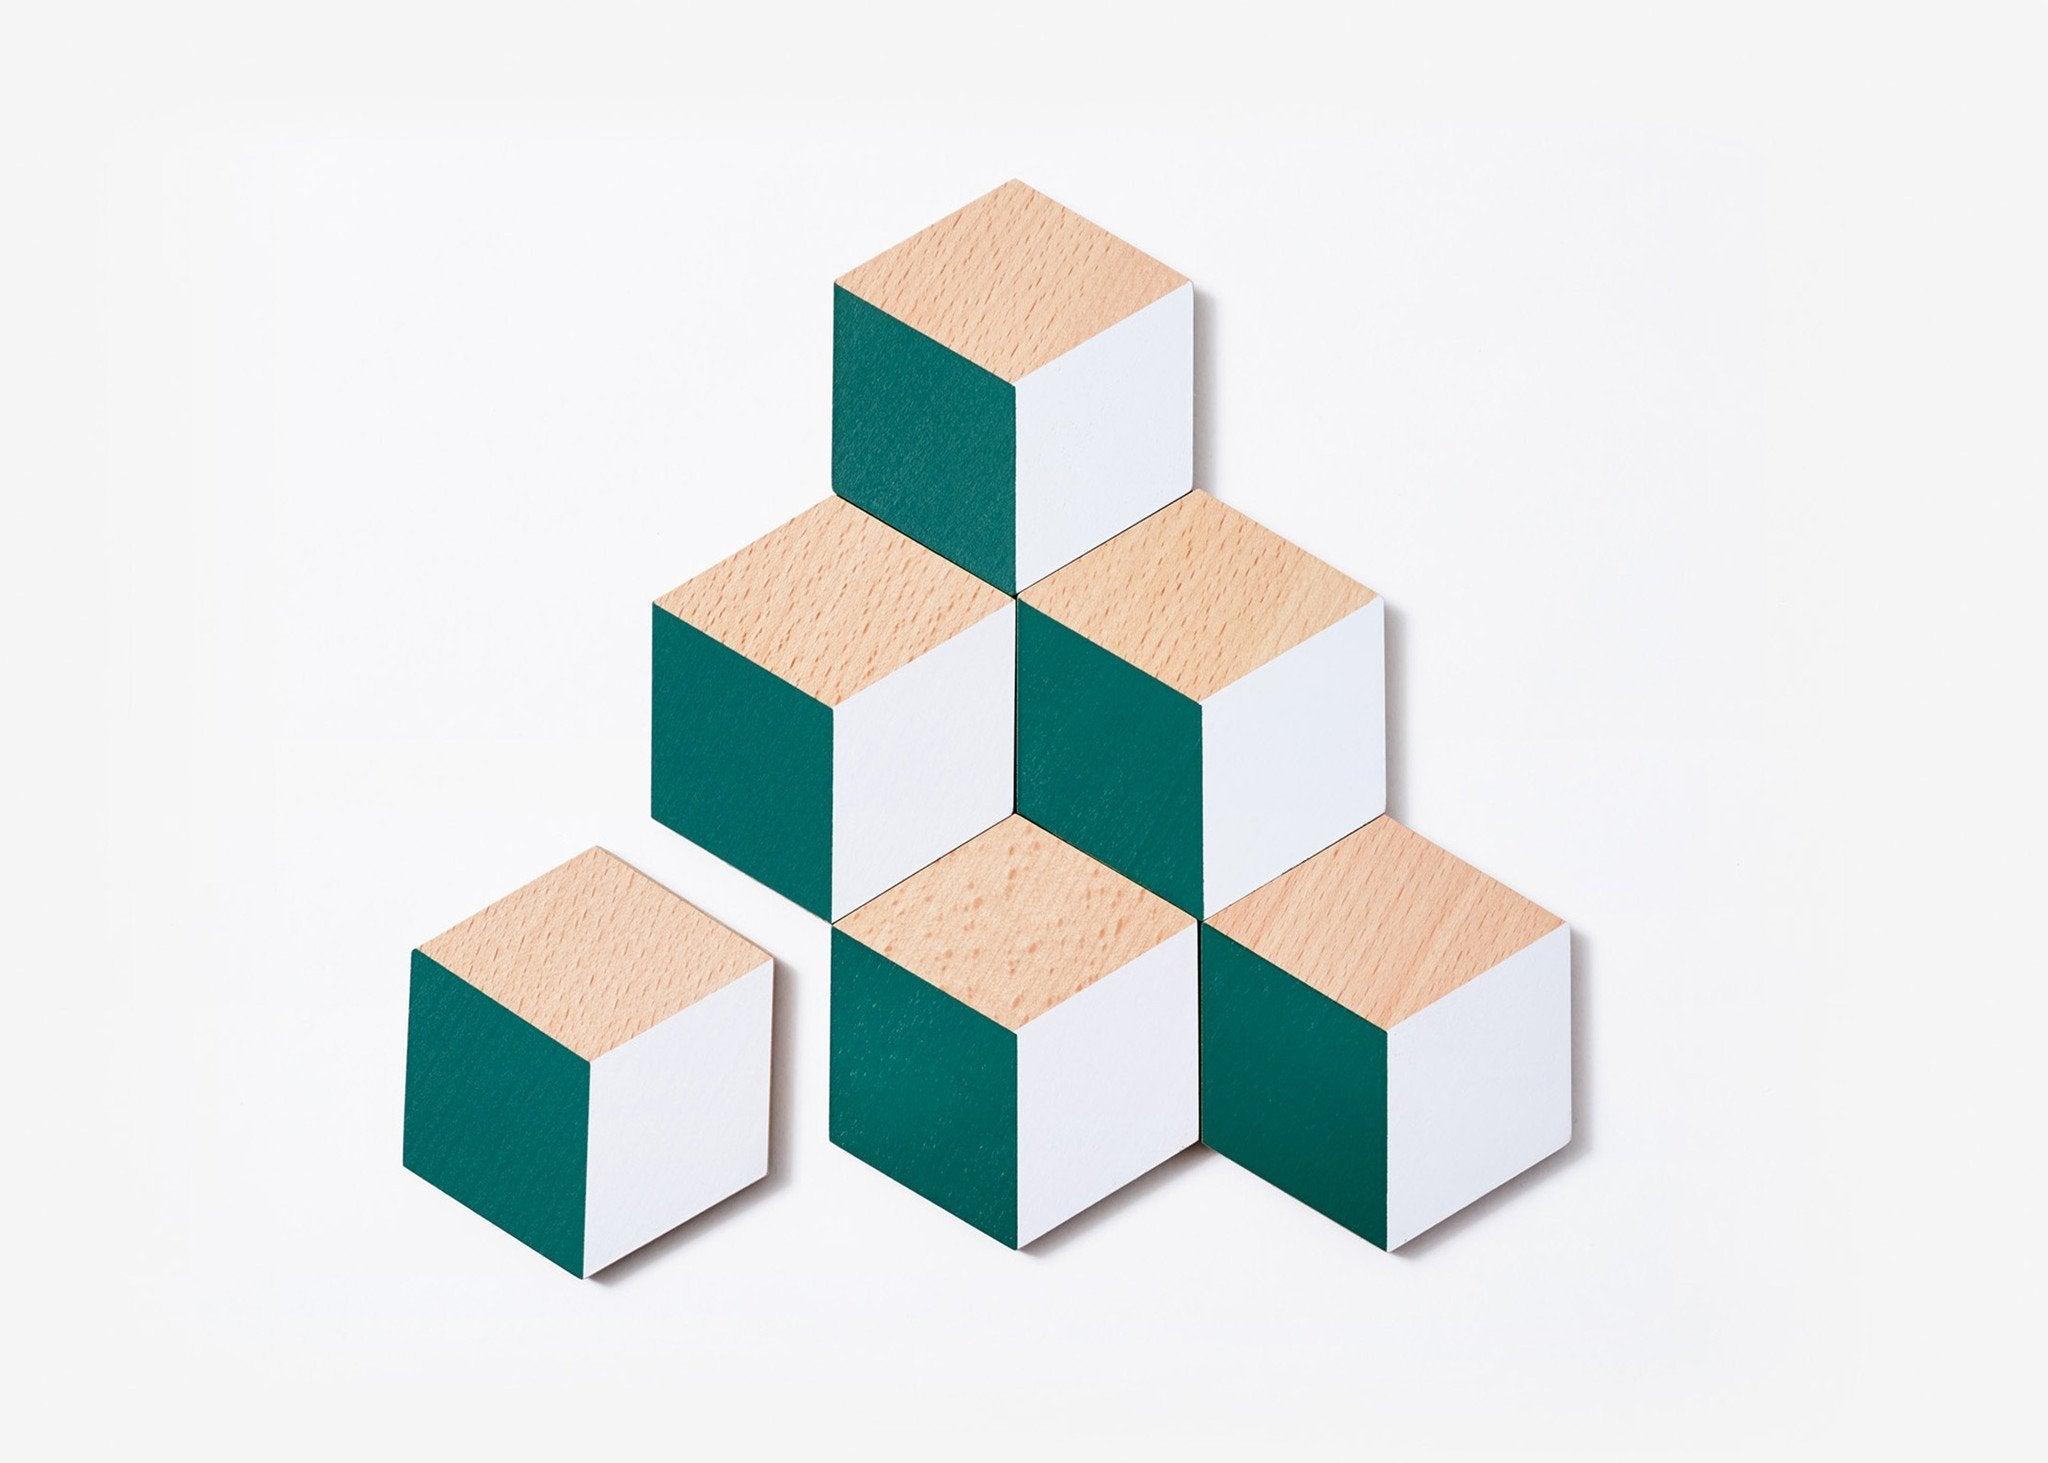 TableTiles-GreenGray-silo-BOTTGG_3600x_f8ccba3e-3656-4e63-882f-369a95574253_2048x